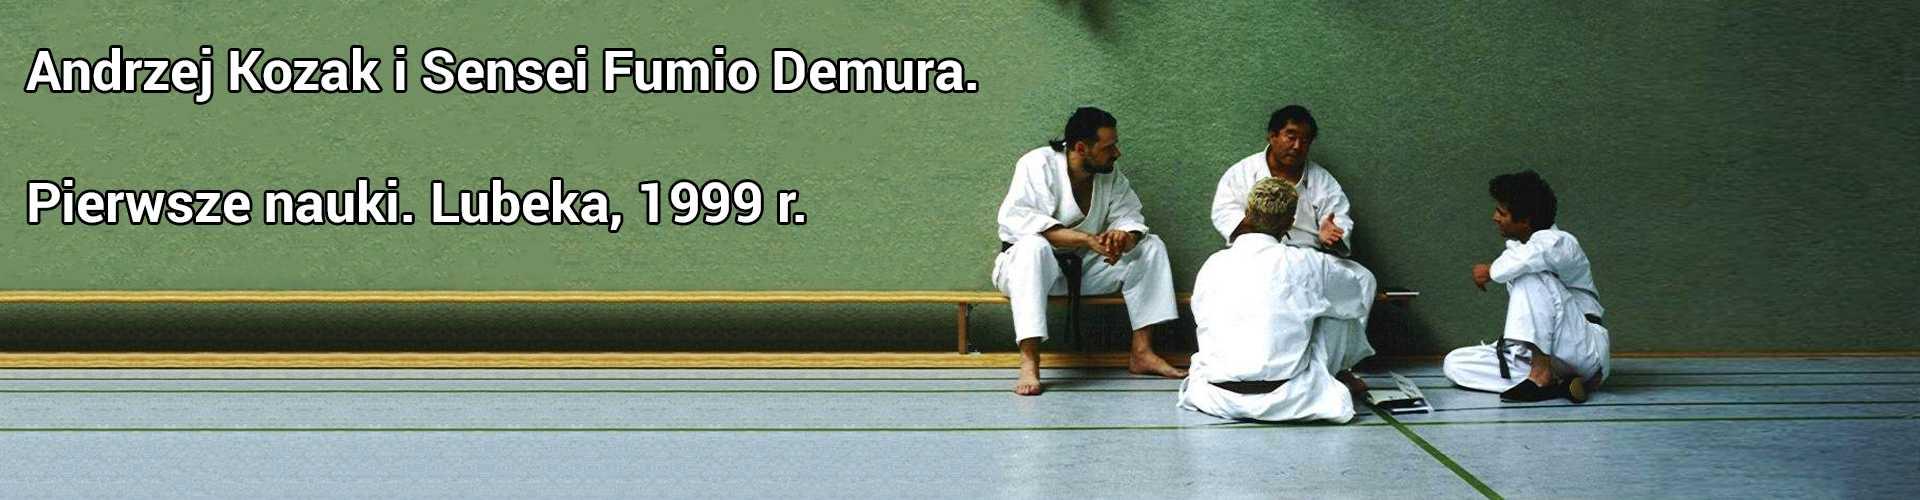 Andrzej Kozak Fumio Demura Karate-Do Shito-Ryu Kobudo Battodo Warszawa Ursynów Mokotów